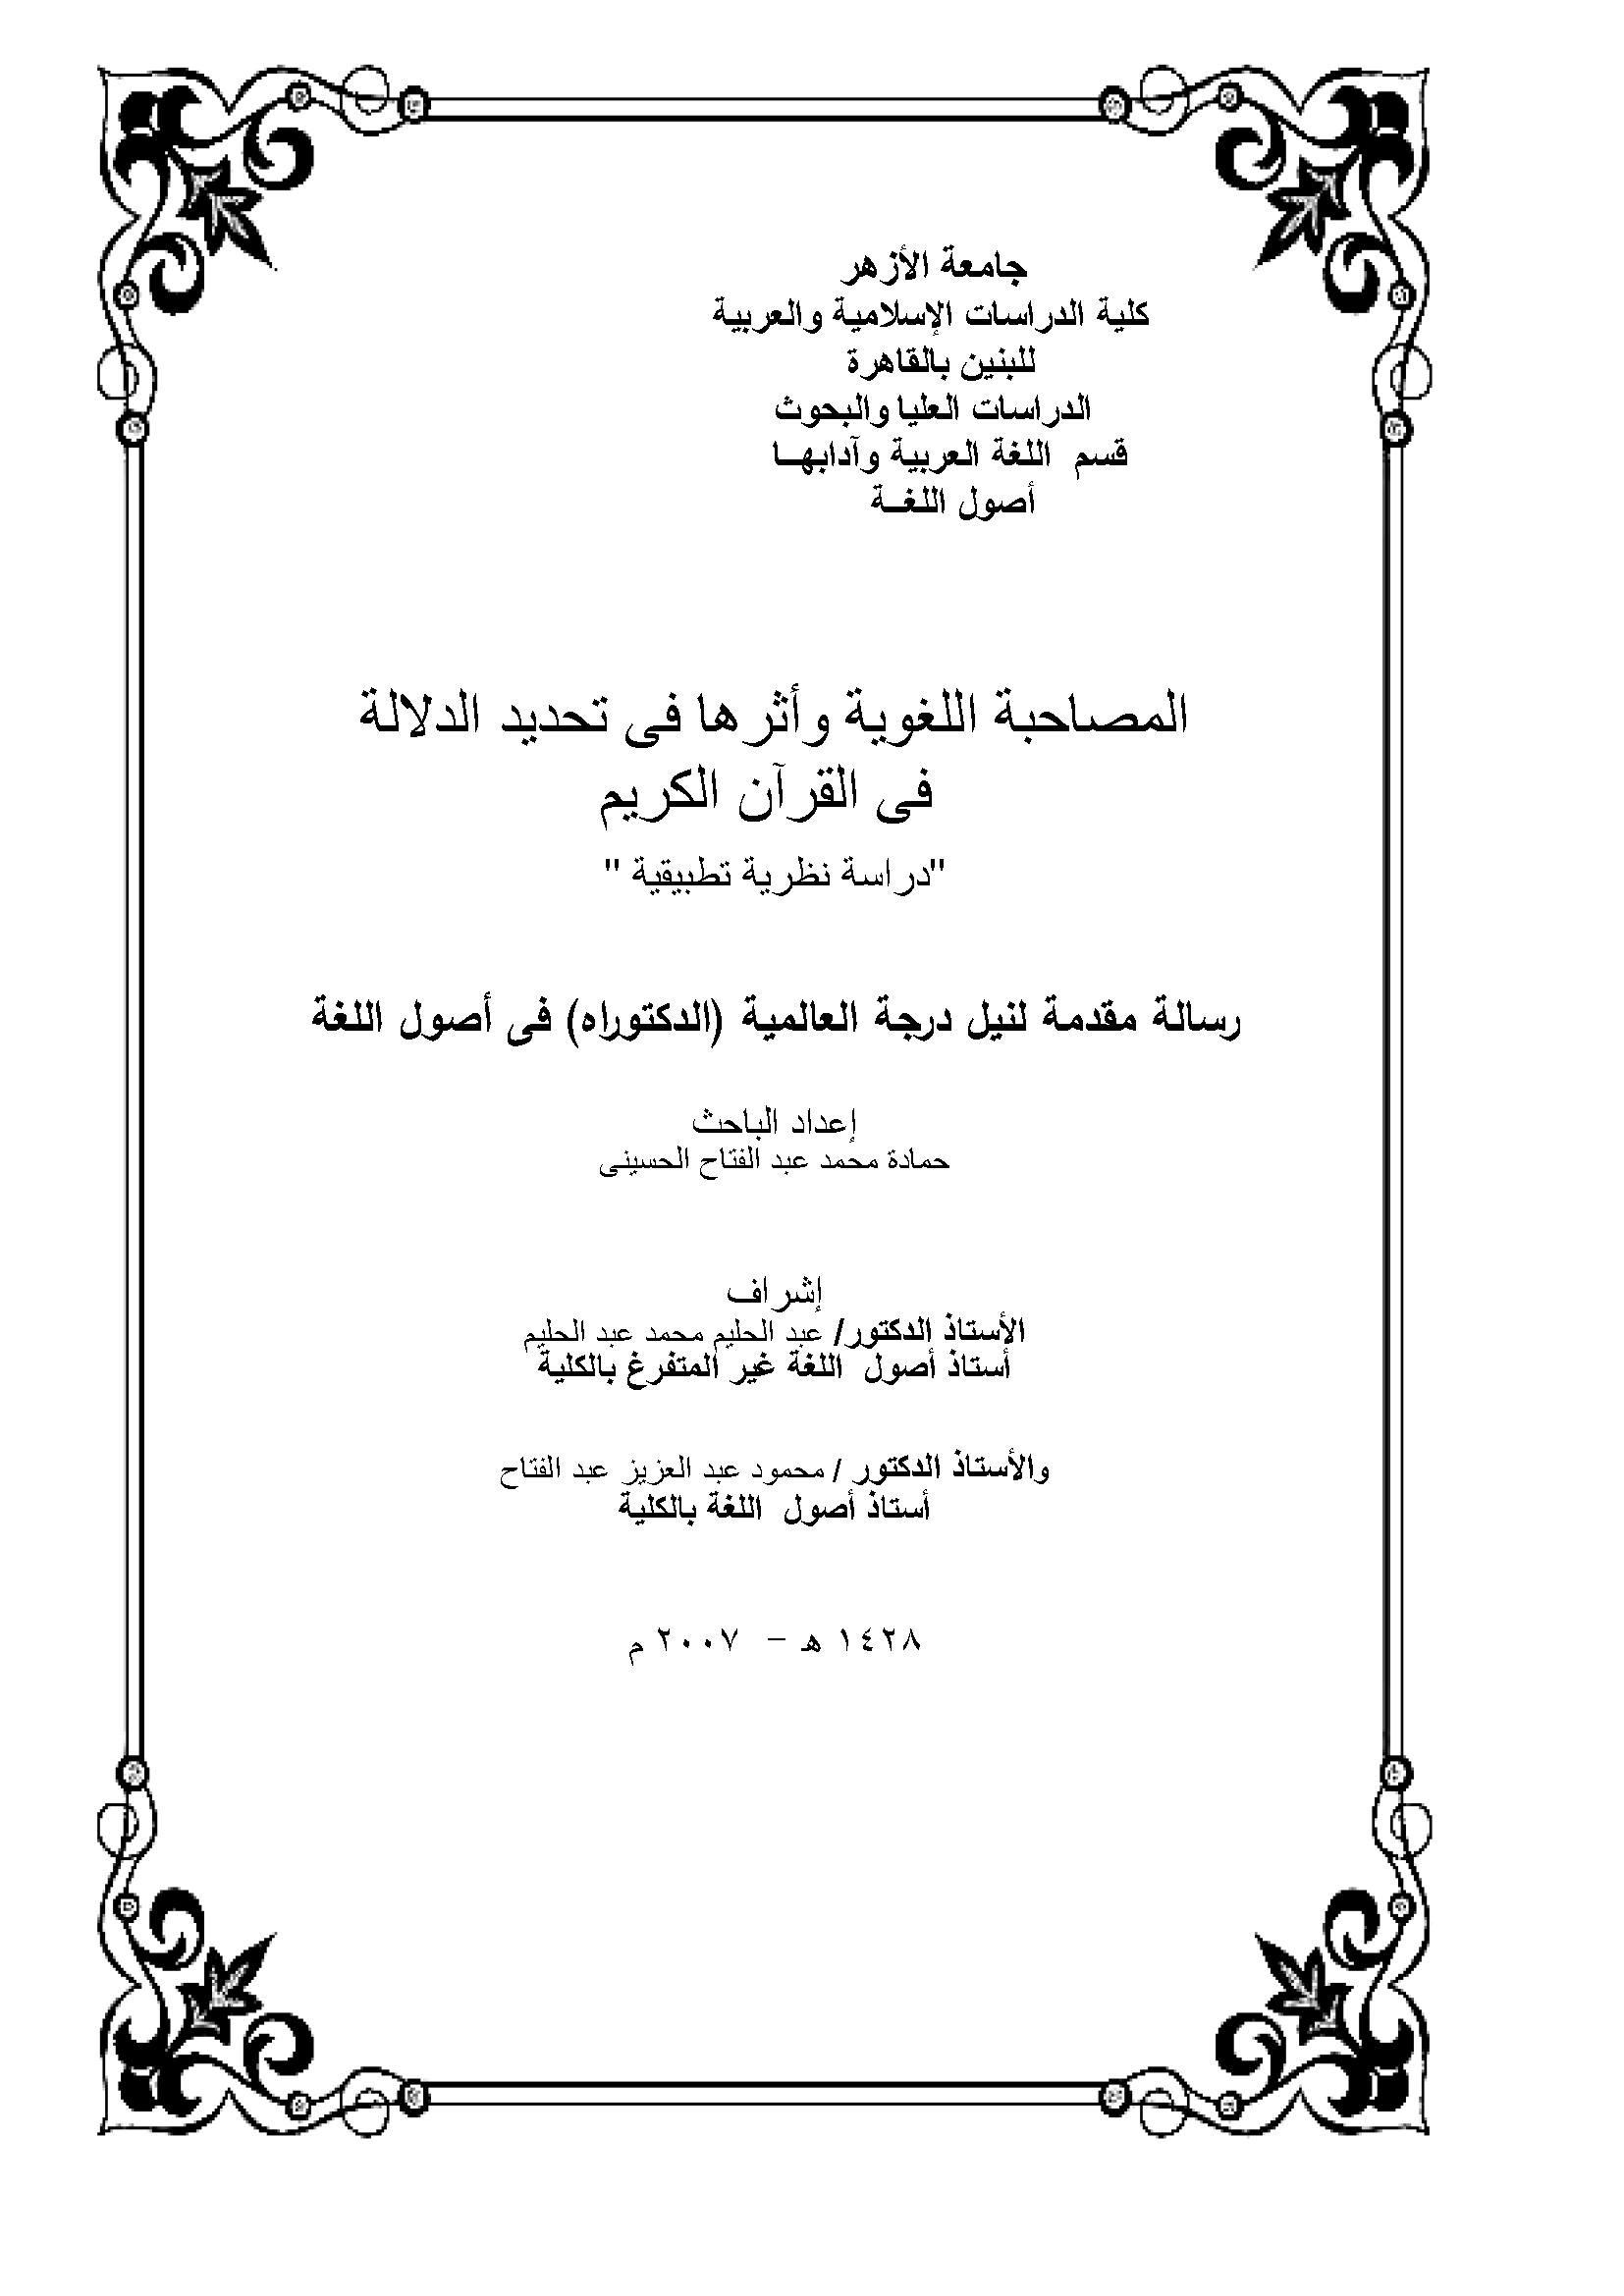 المصاحبة اللغوية وأثرها في تحديد الدلالة في القرآن الكريم (دراسة نظرية تطبيقية) - حمادة محمد عبد الفتاح الحسيني